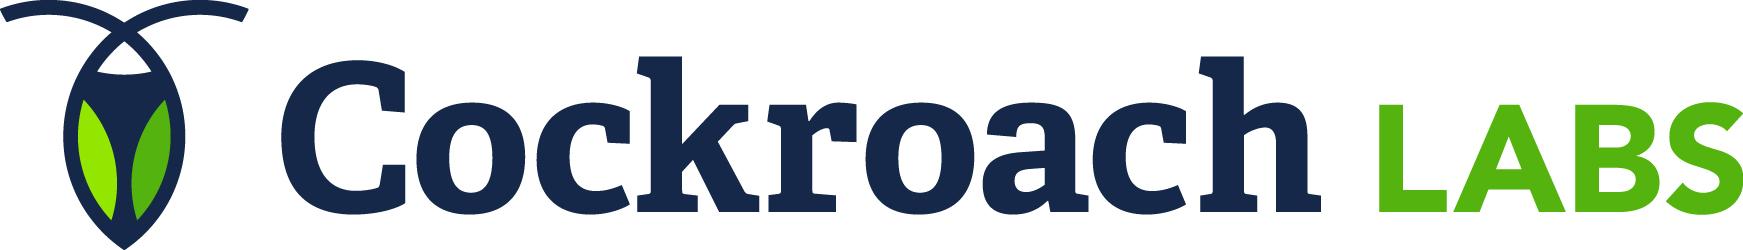 CockroachLabs_Logo_Horizontal.jpg